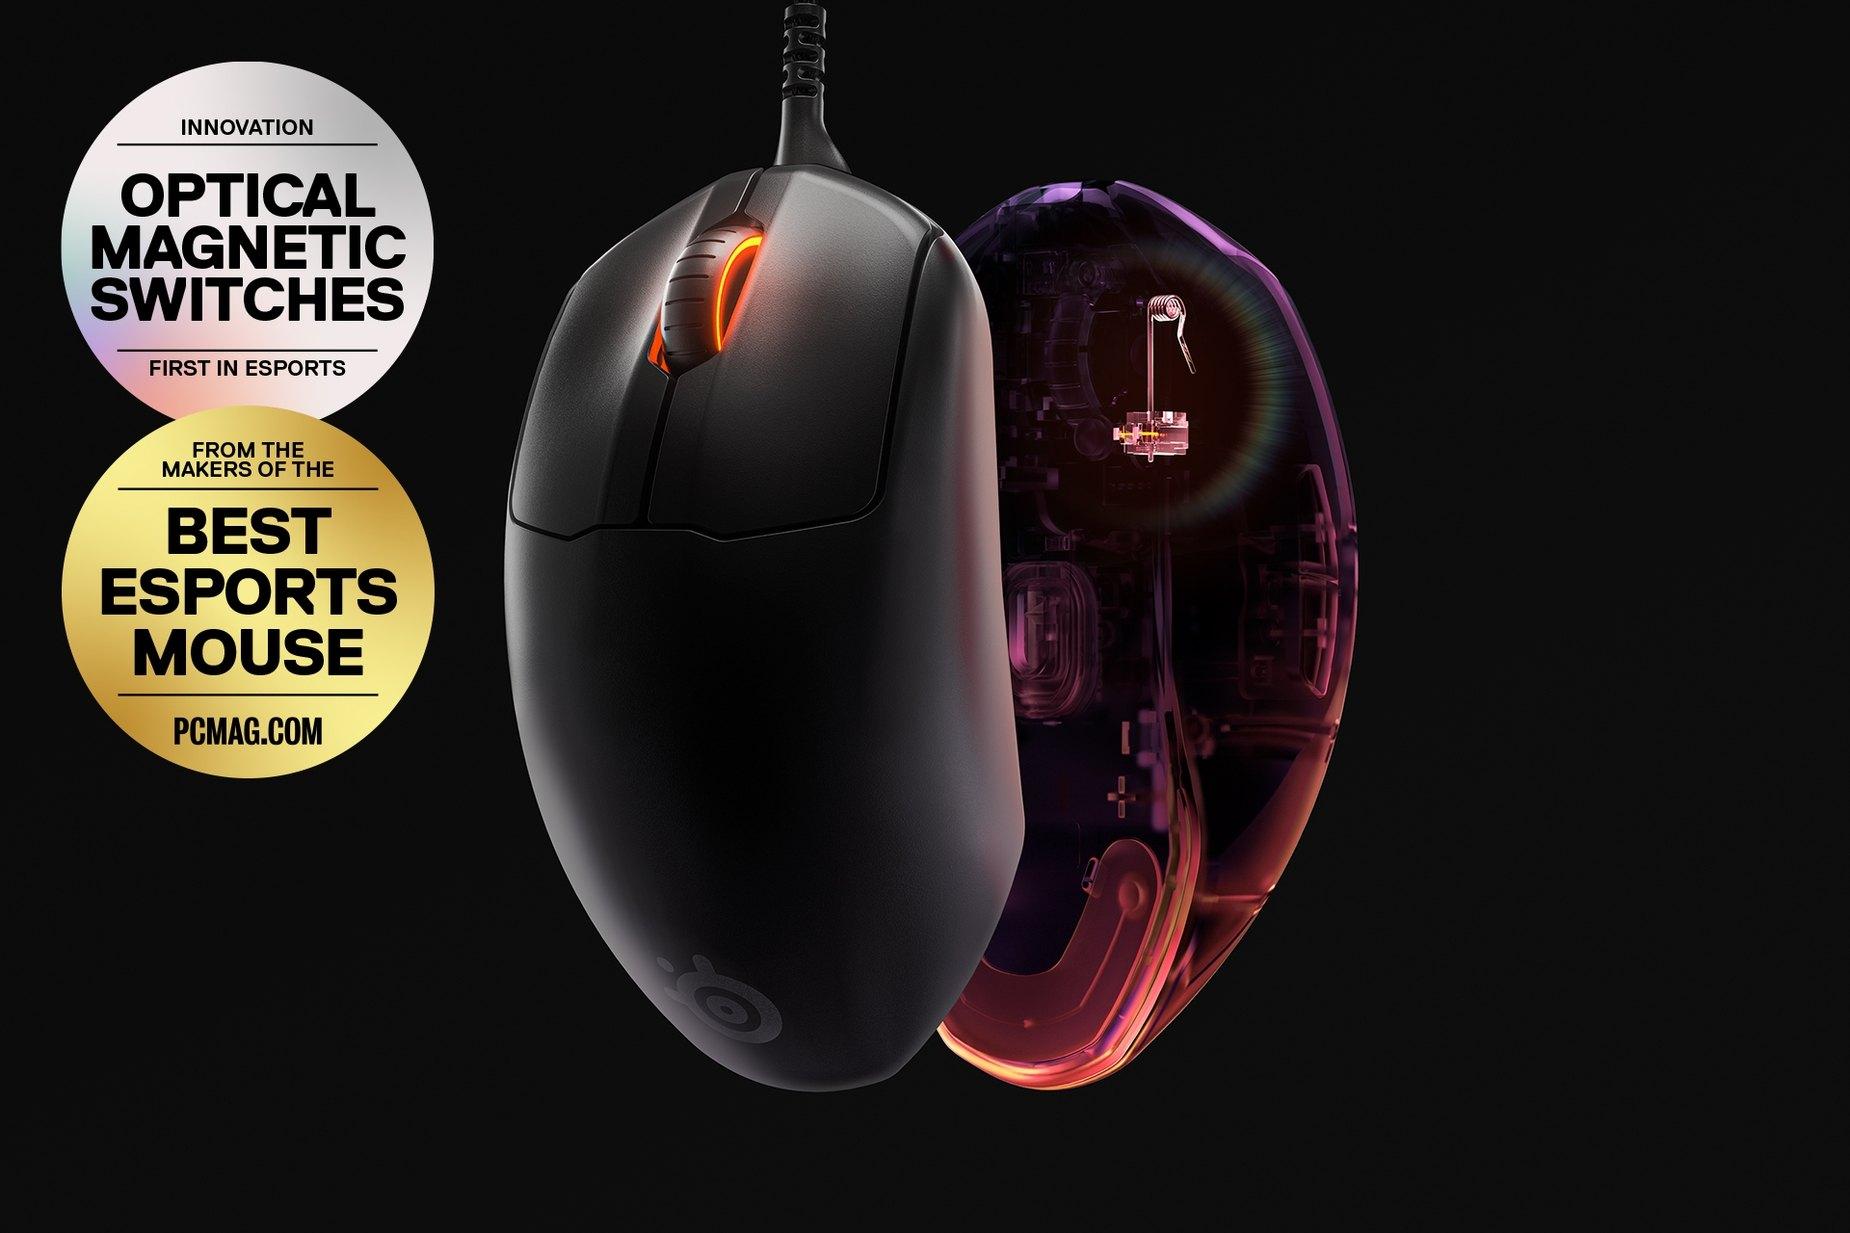 Twee Prime+-muizen: één toont de polssteun en de ander de sensor.